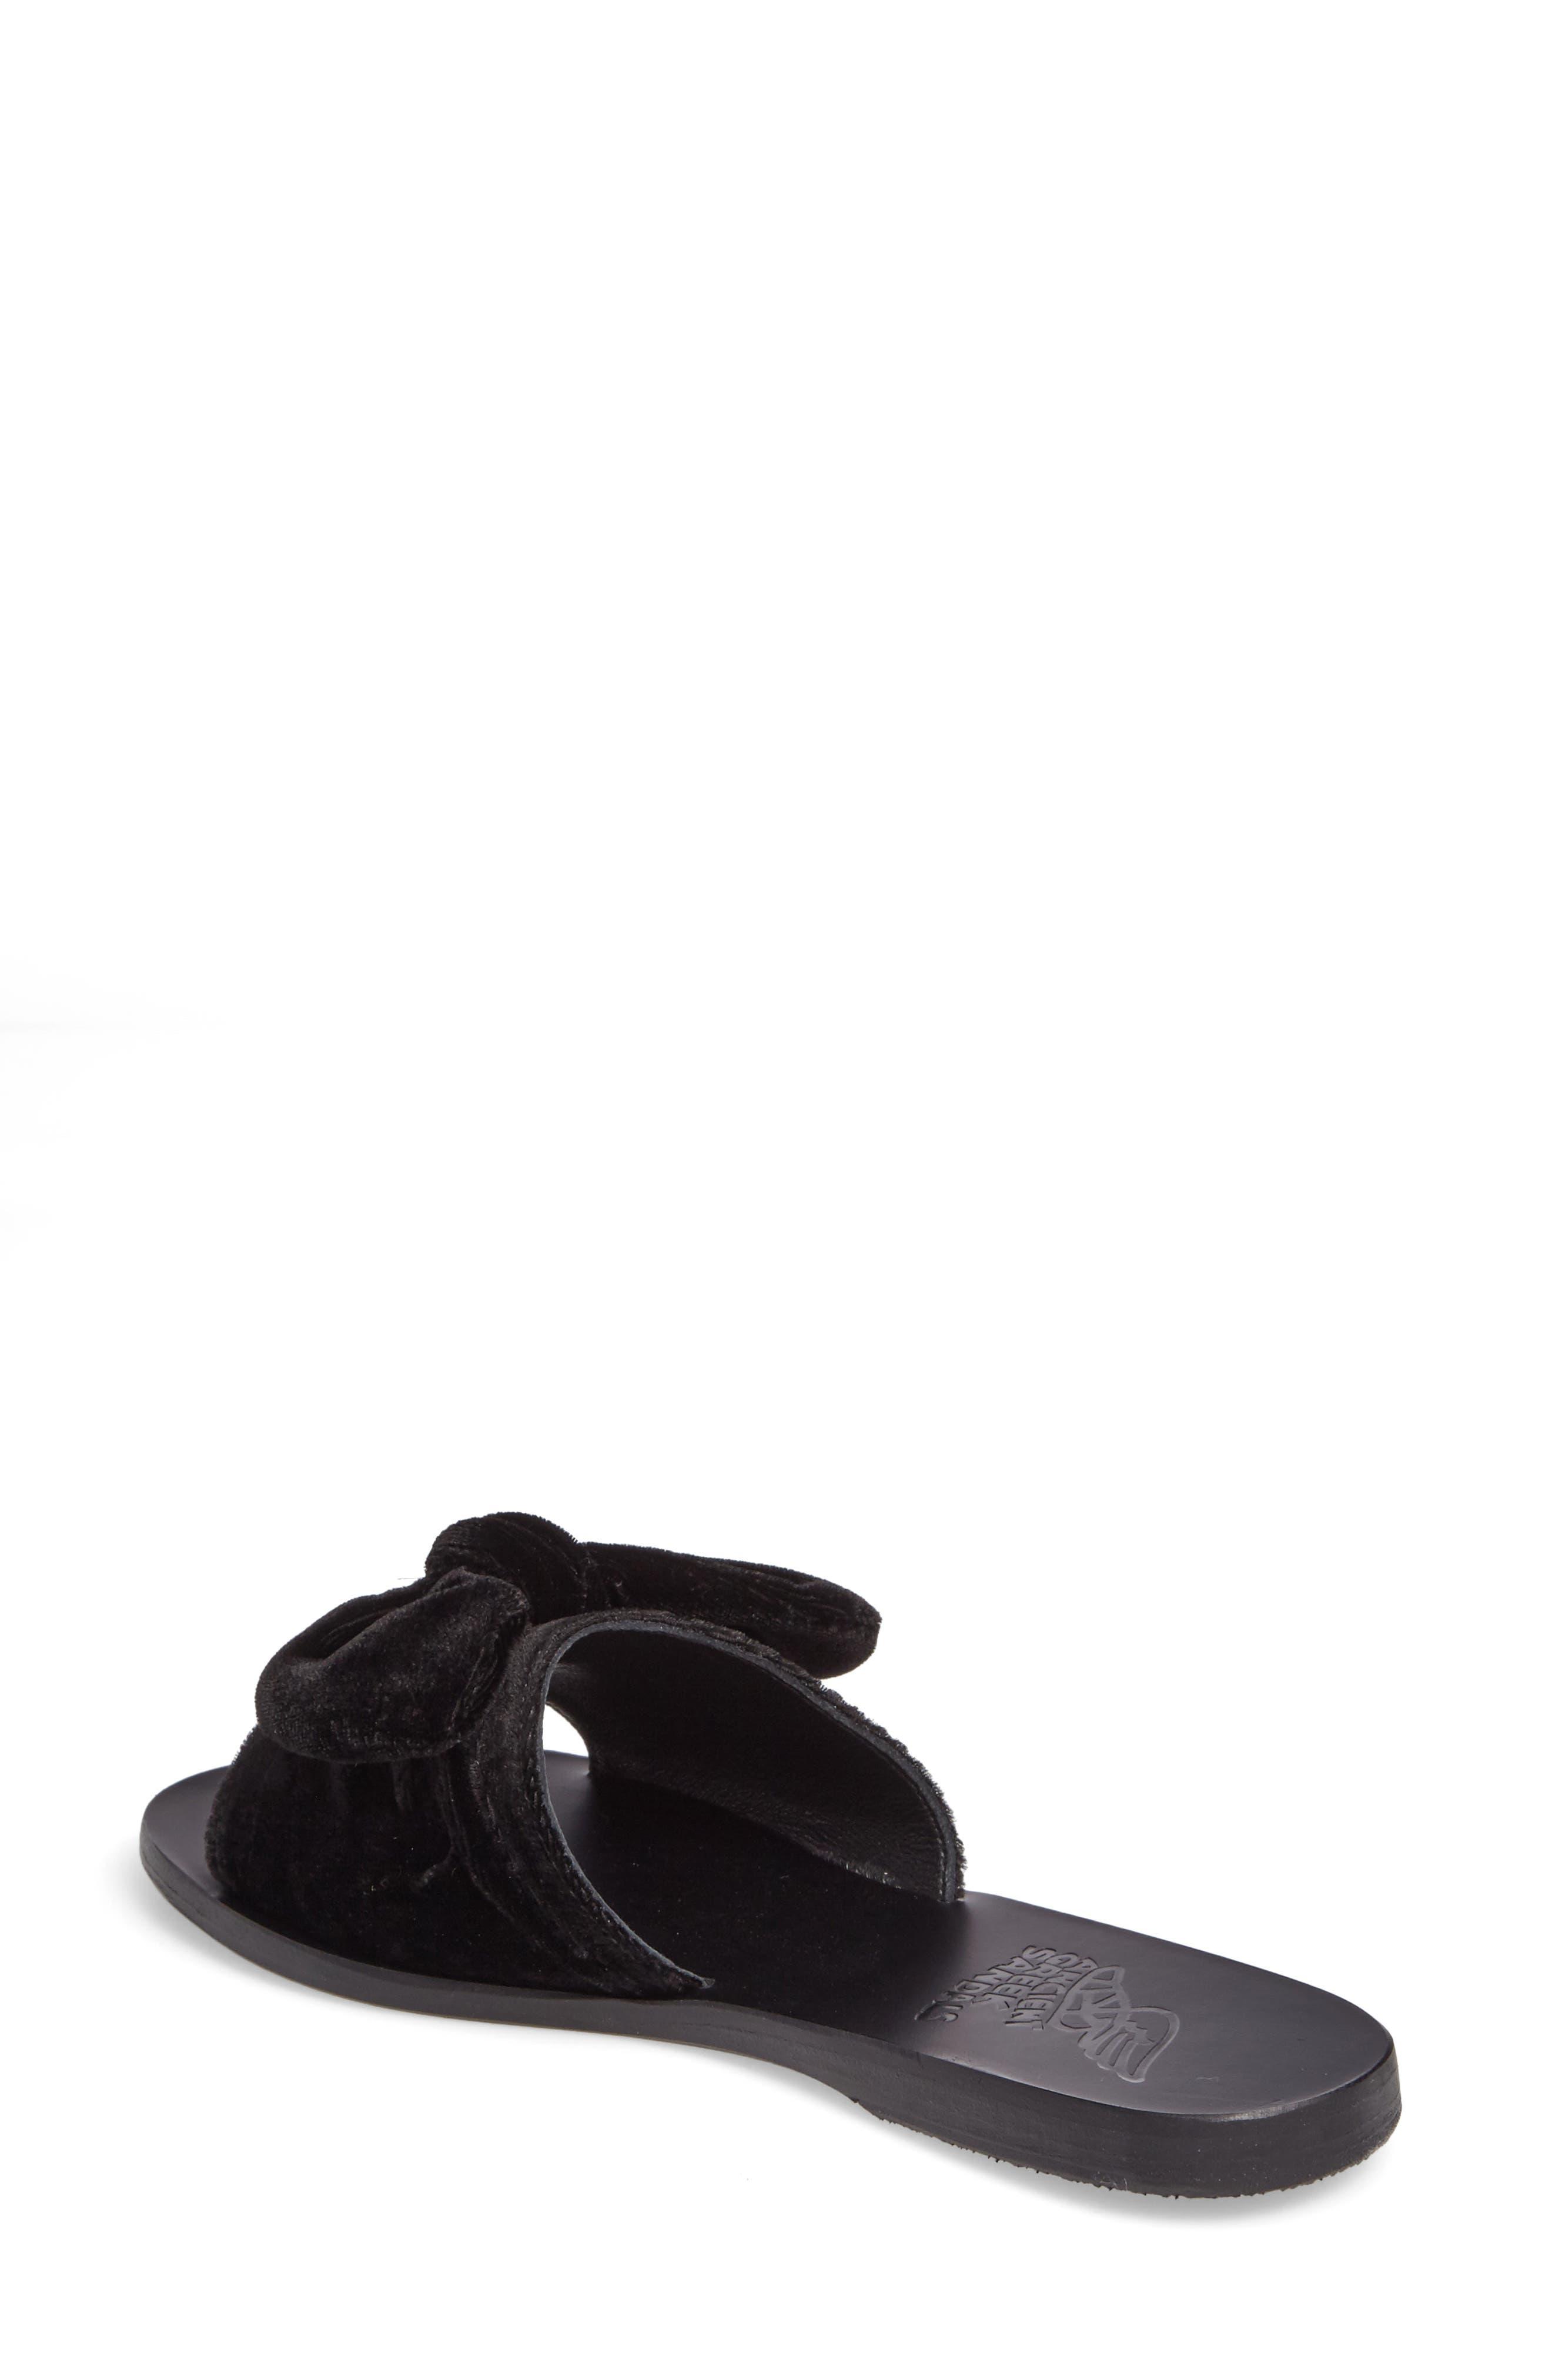 Alternate Image 3  - Ancient Greek Sandals Taygete Bow Slide Sandal (Women)